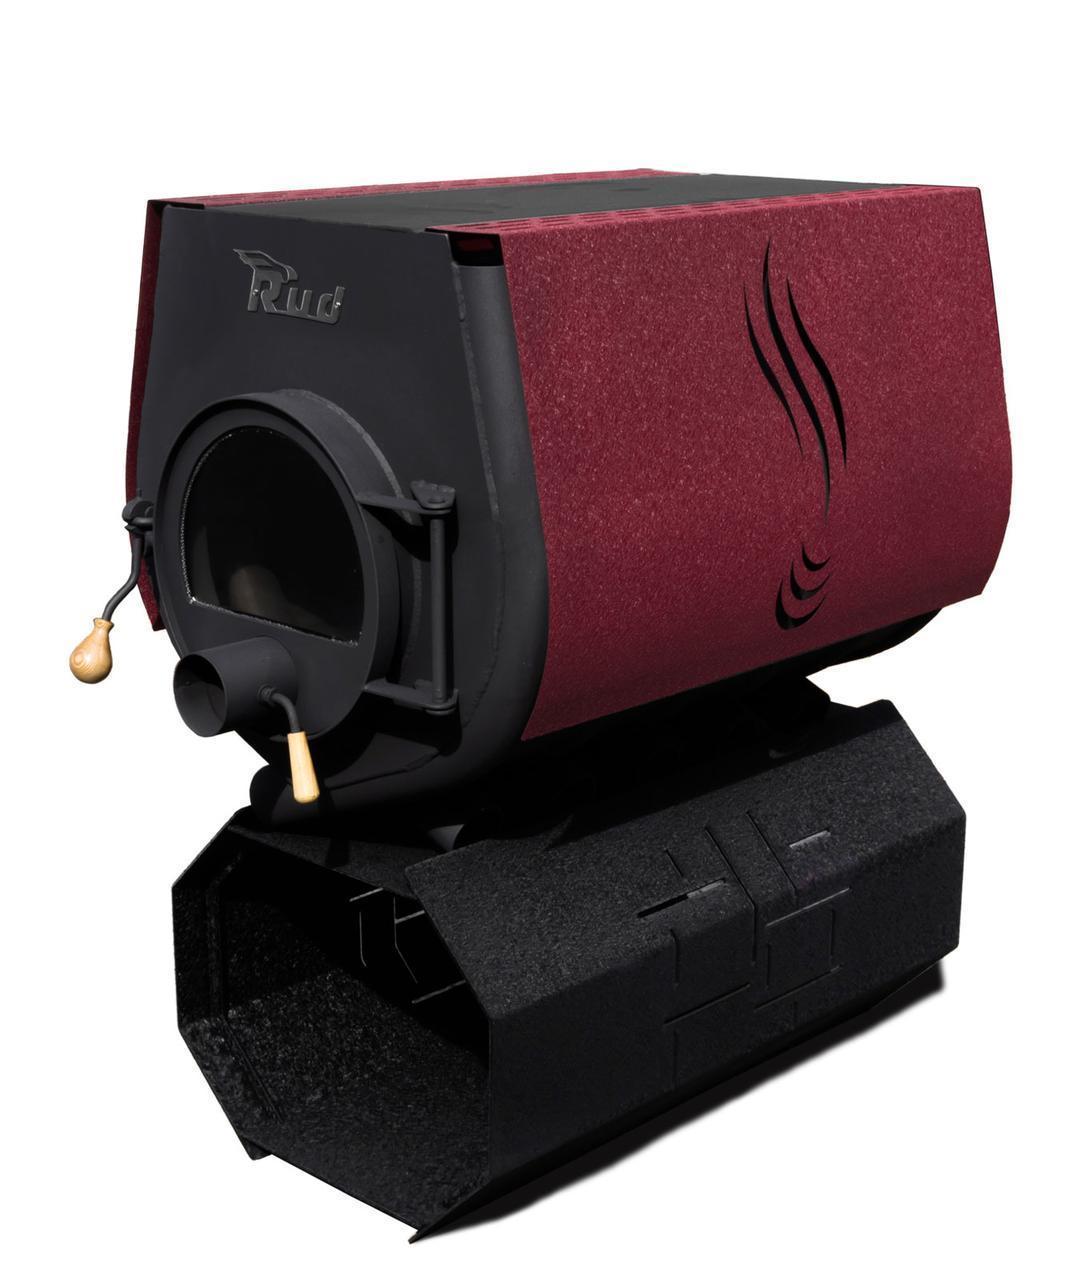 Булерьян, отопительная печь Rud Pyrotron Кантри 03 с варочной поверхностью Обшивка декоративная (бордовая)